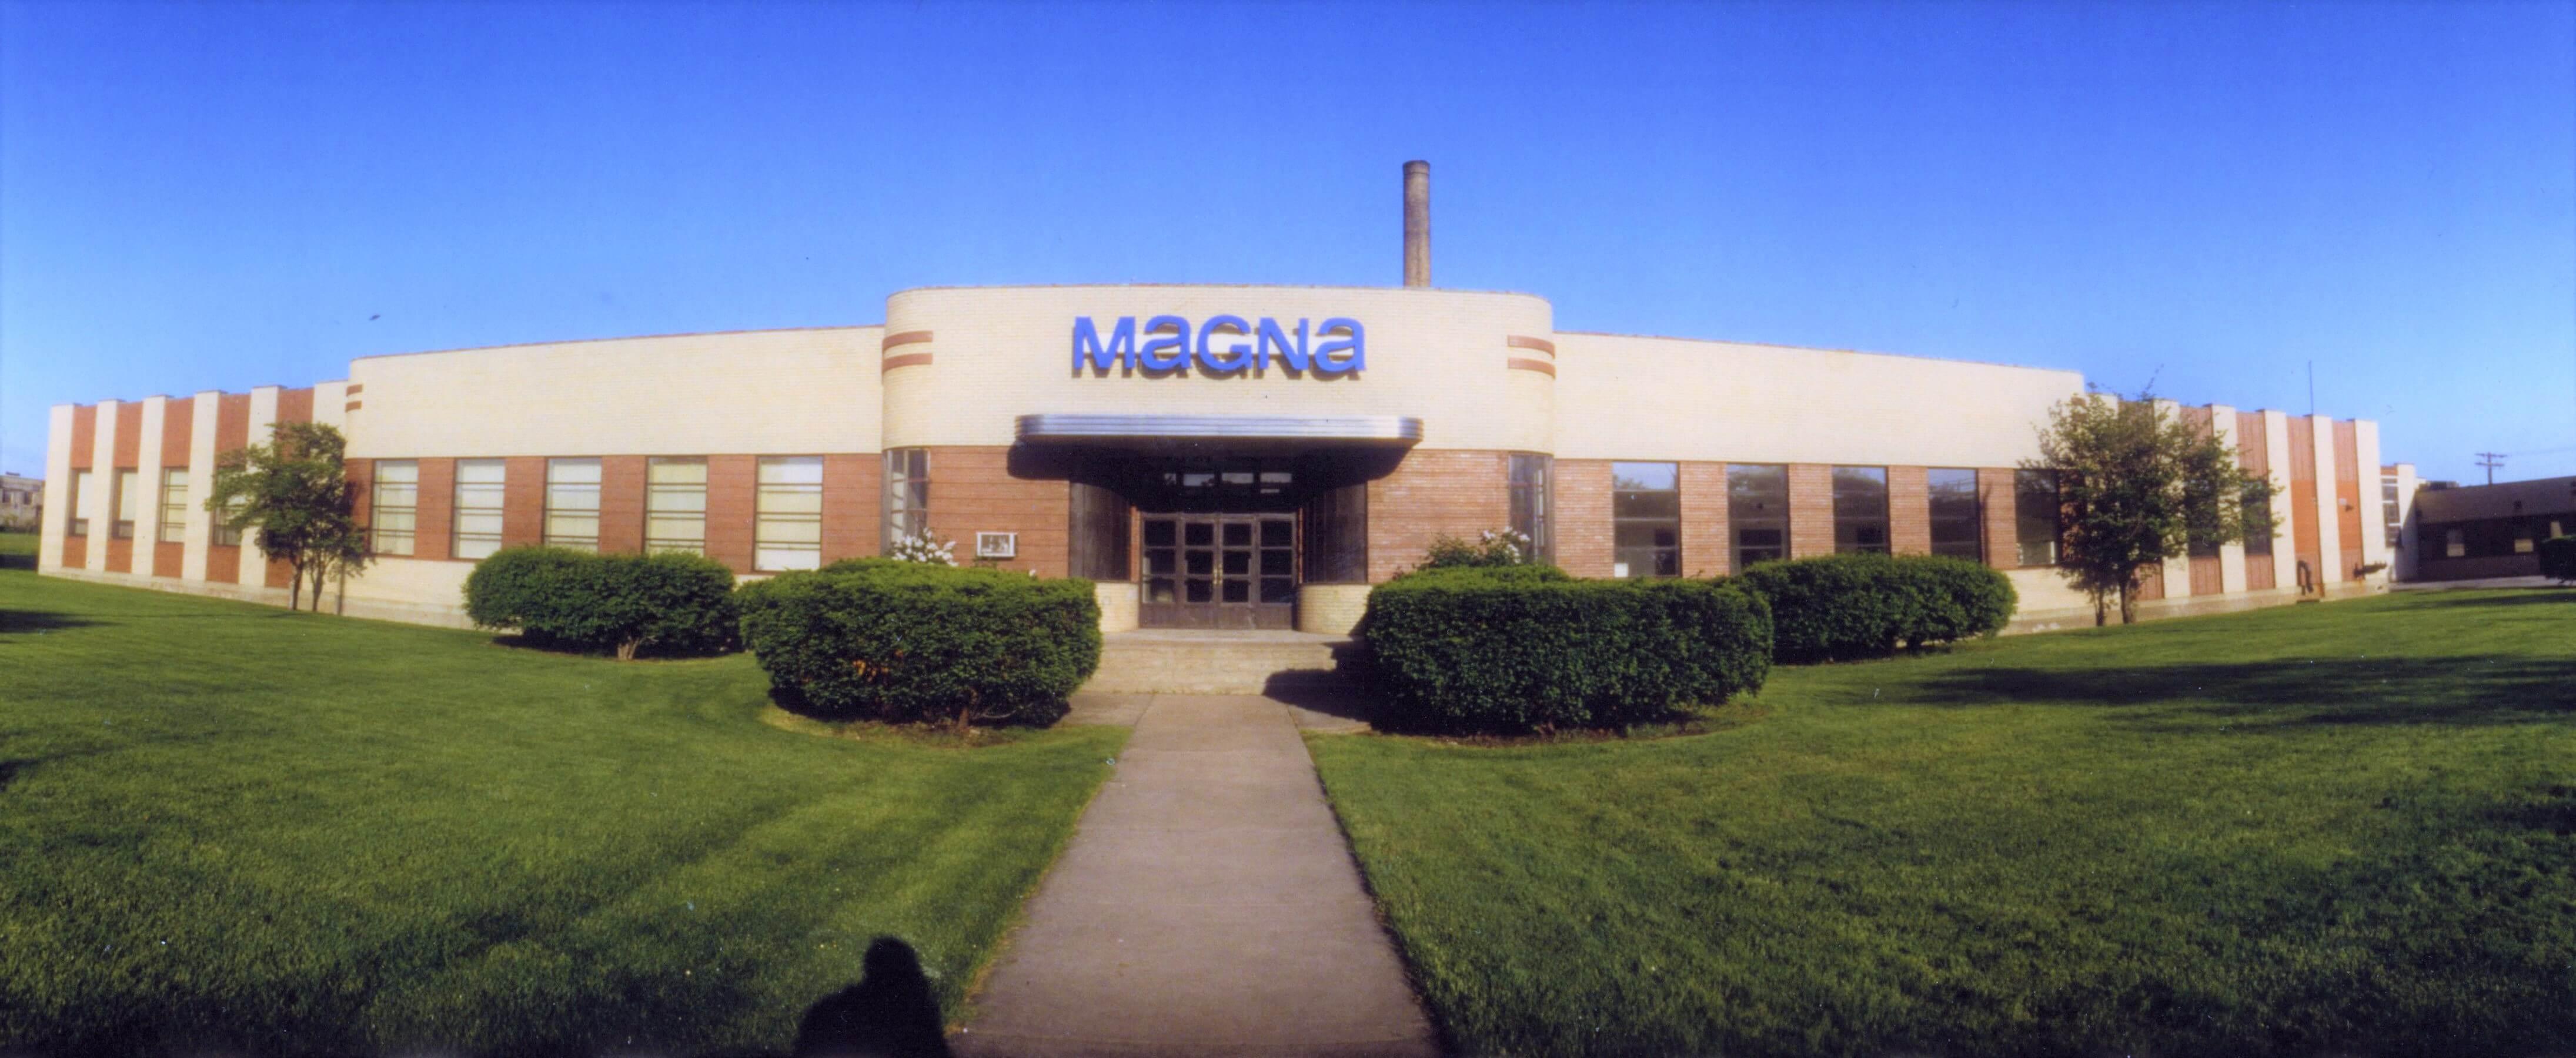 Magna's headquarters building